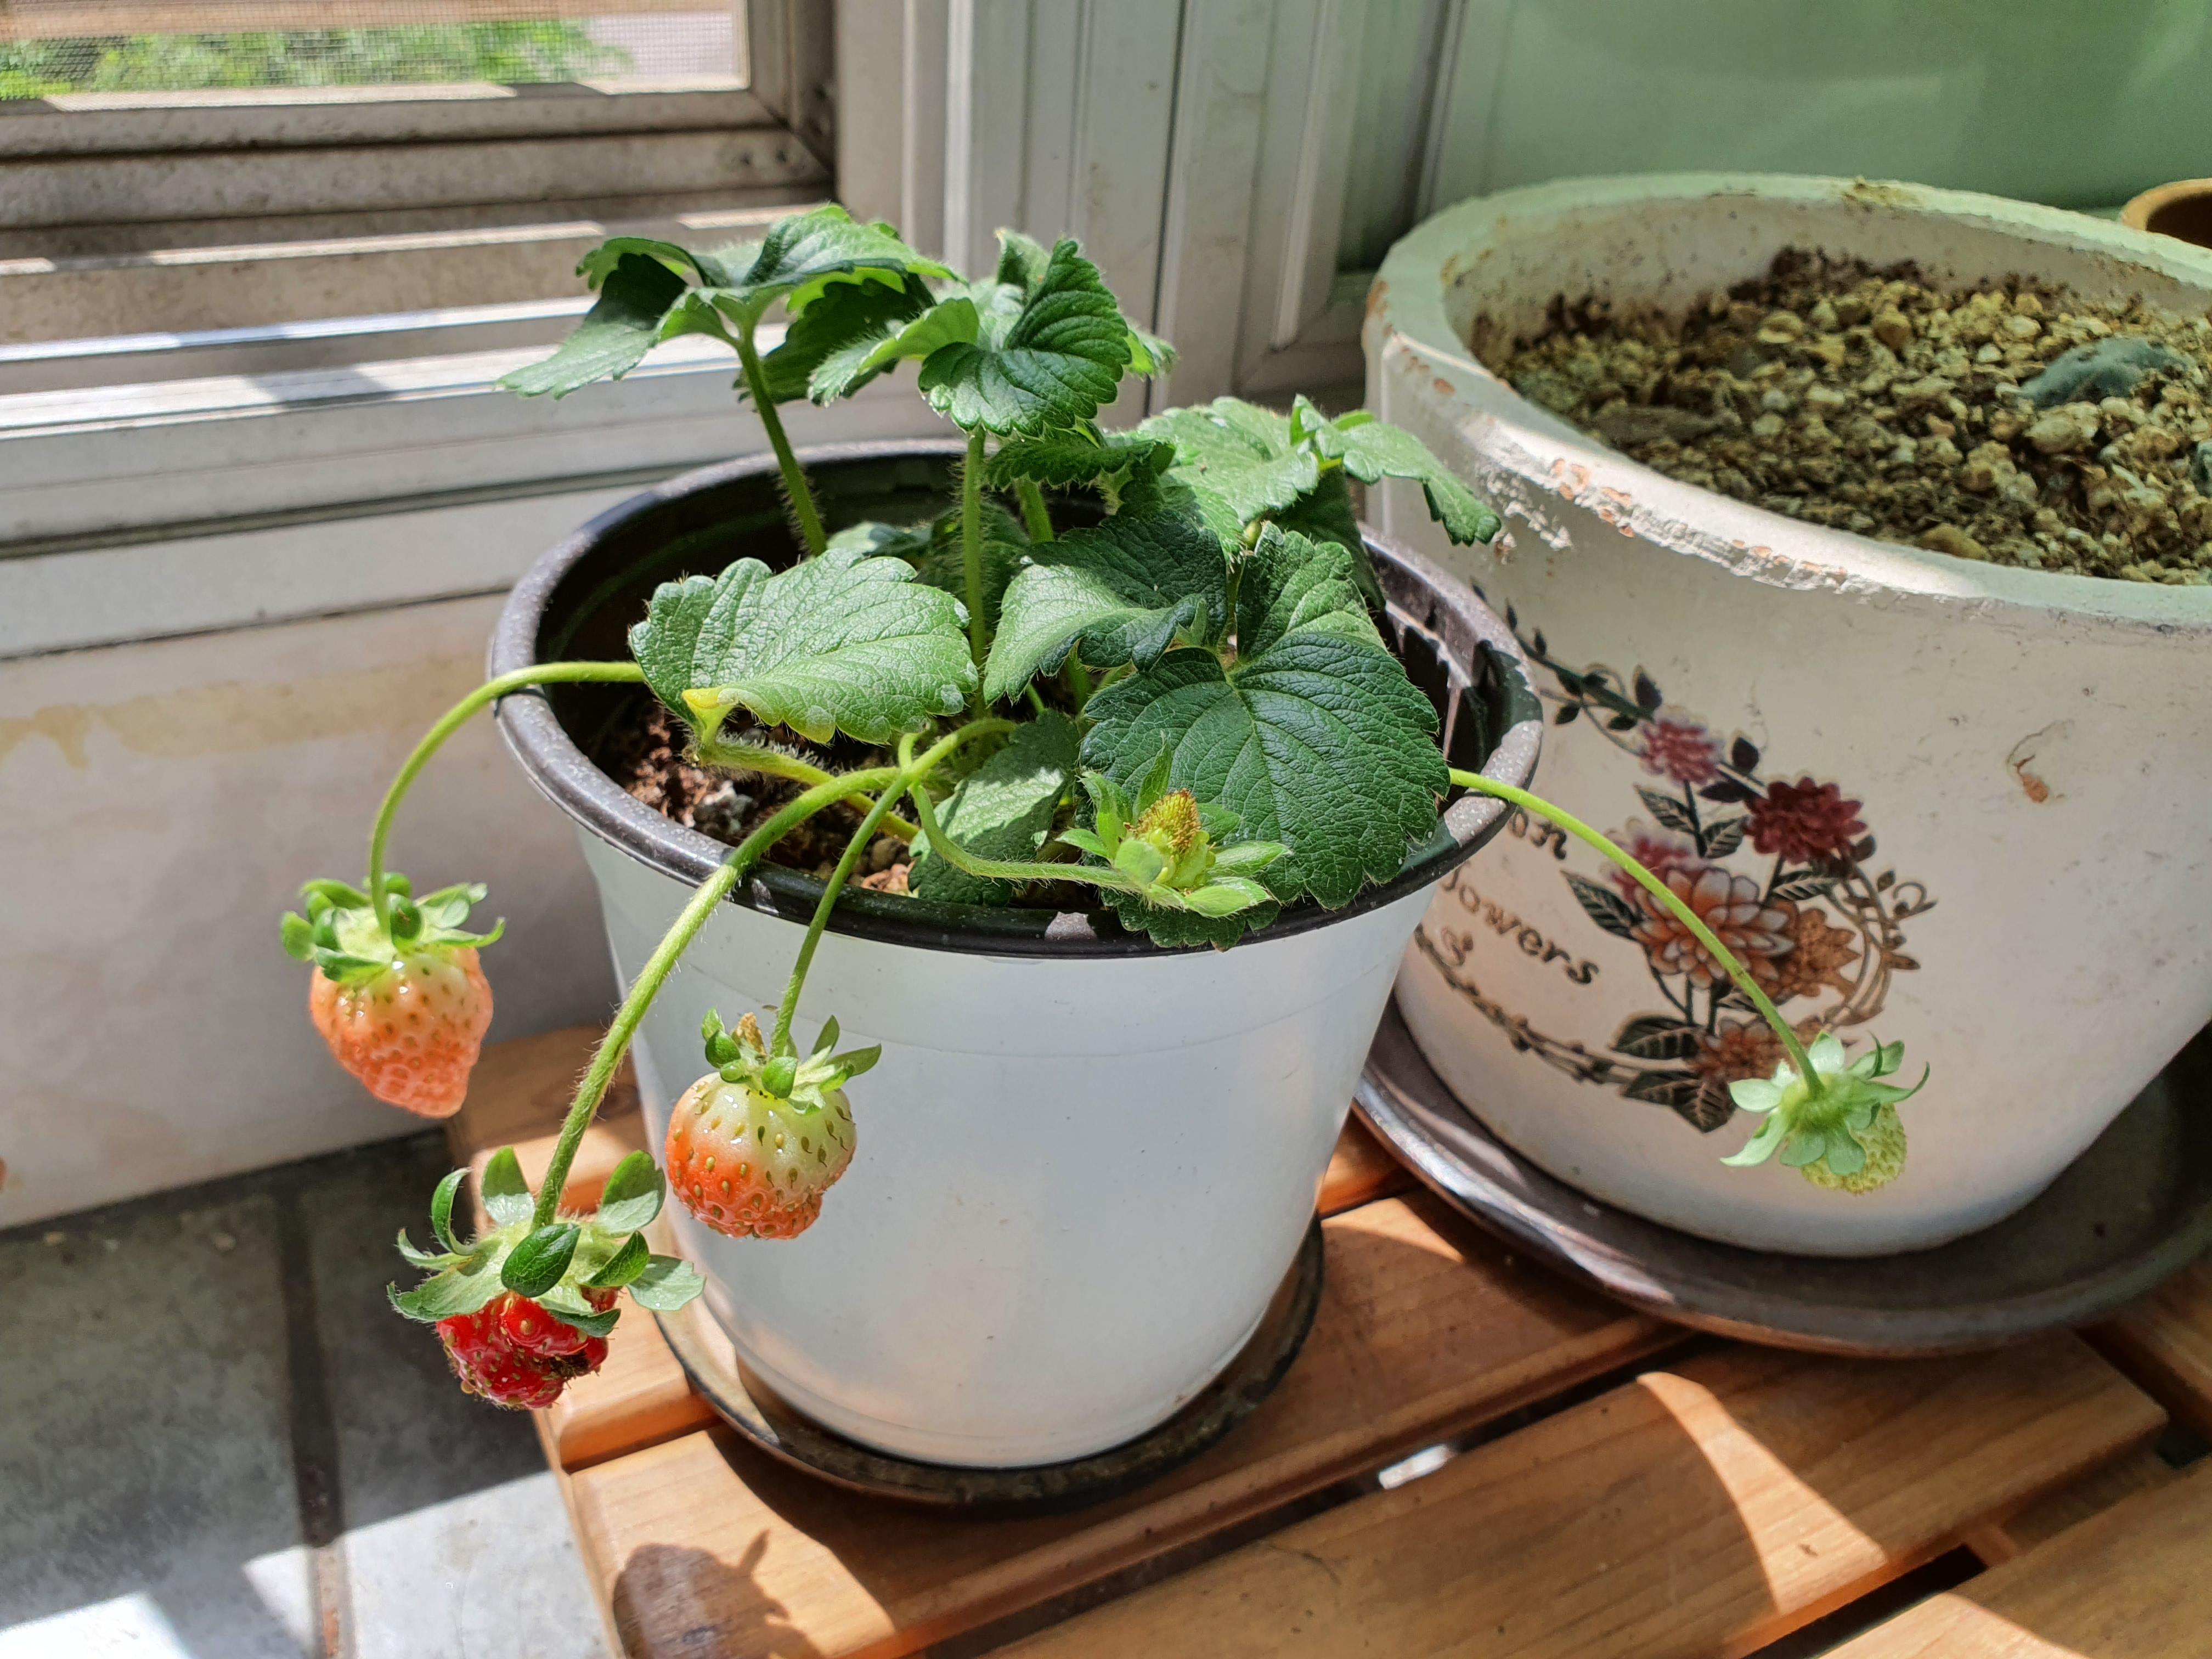 딸기가 익어가는 계절